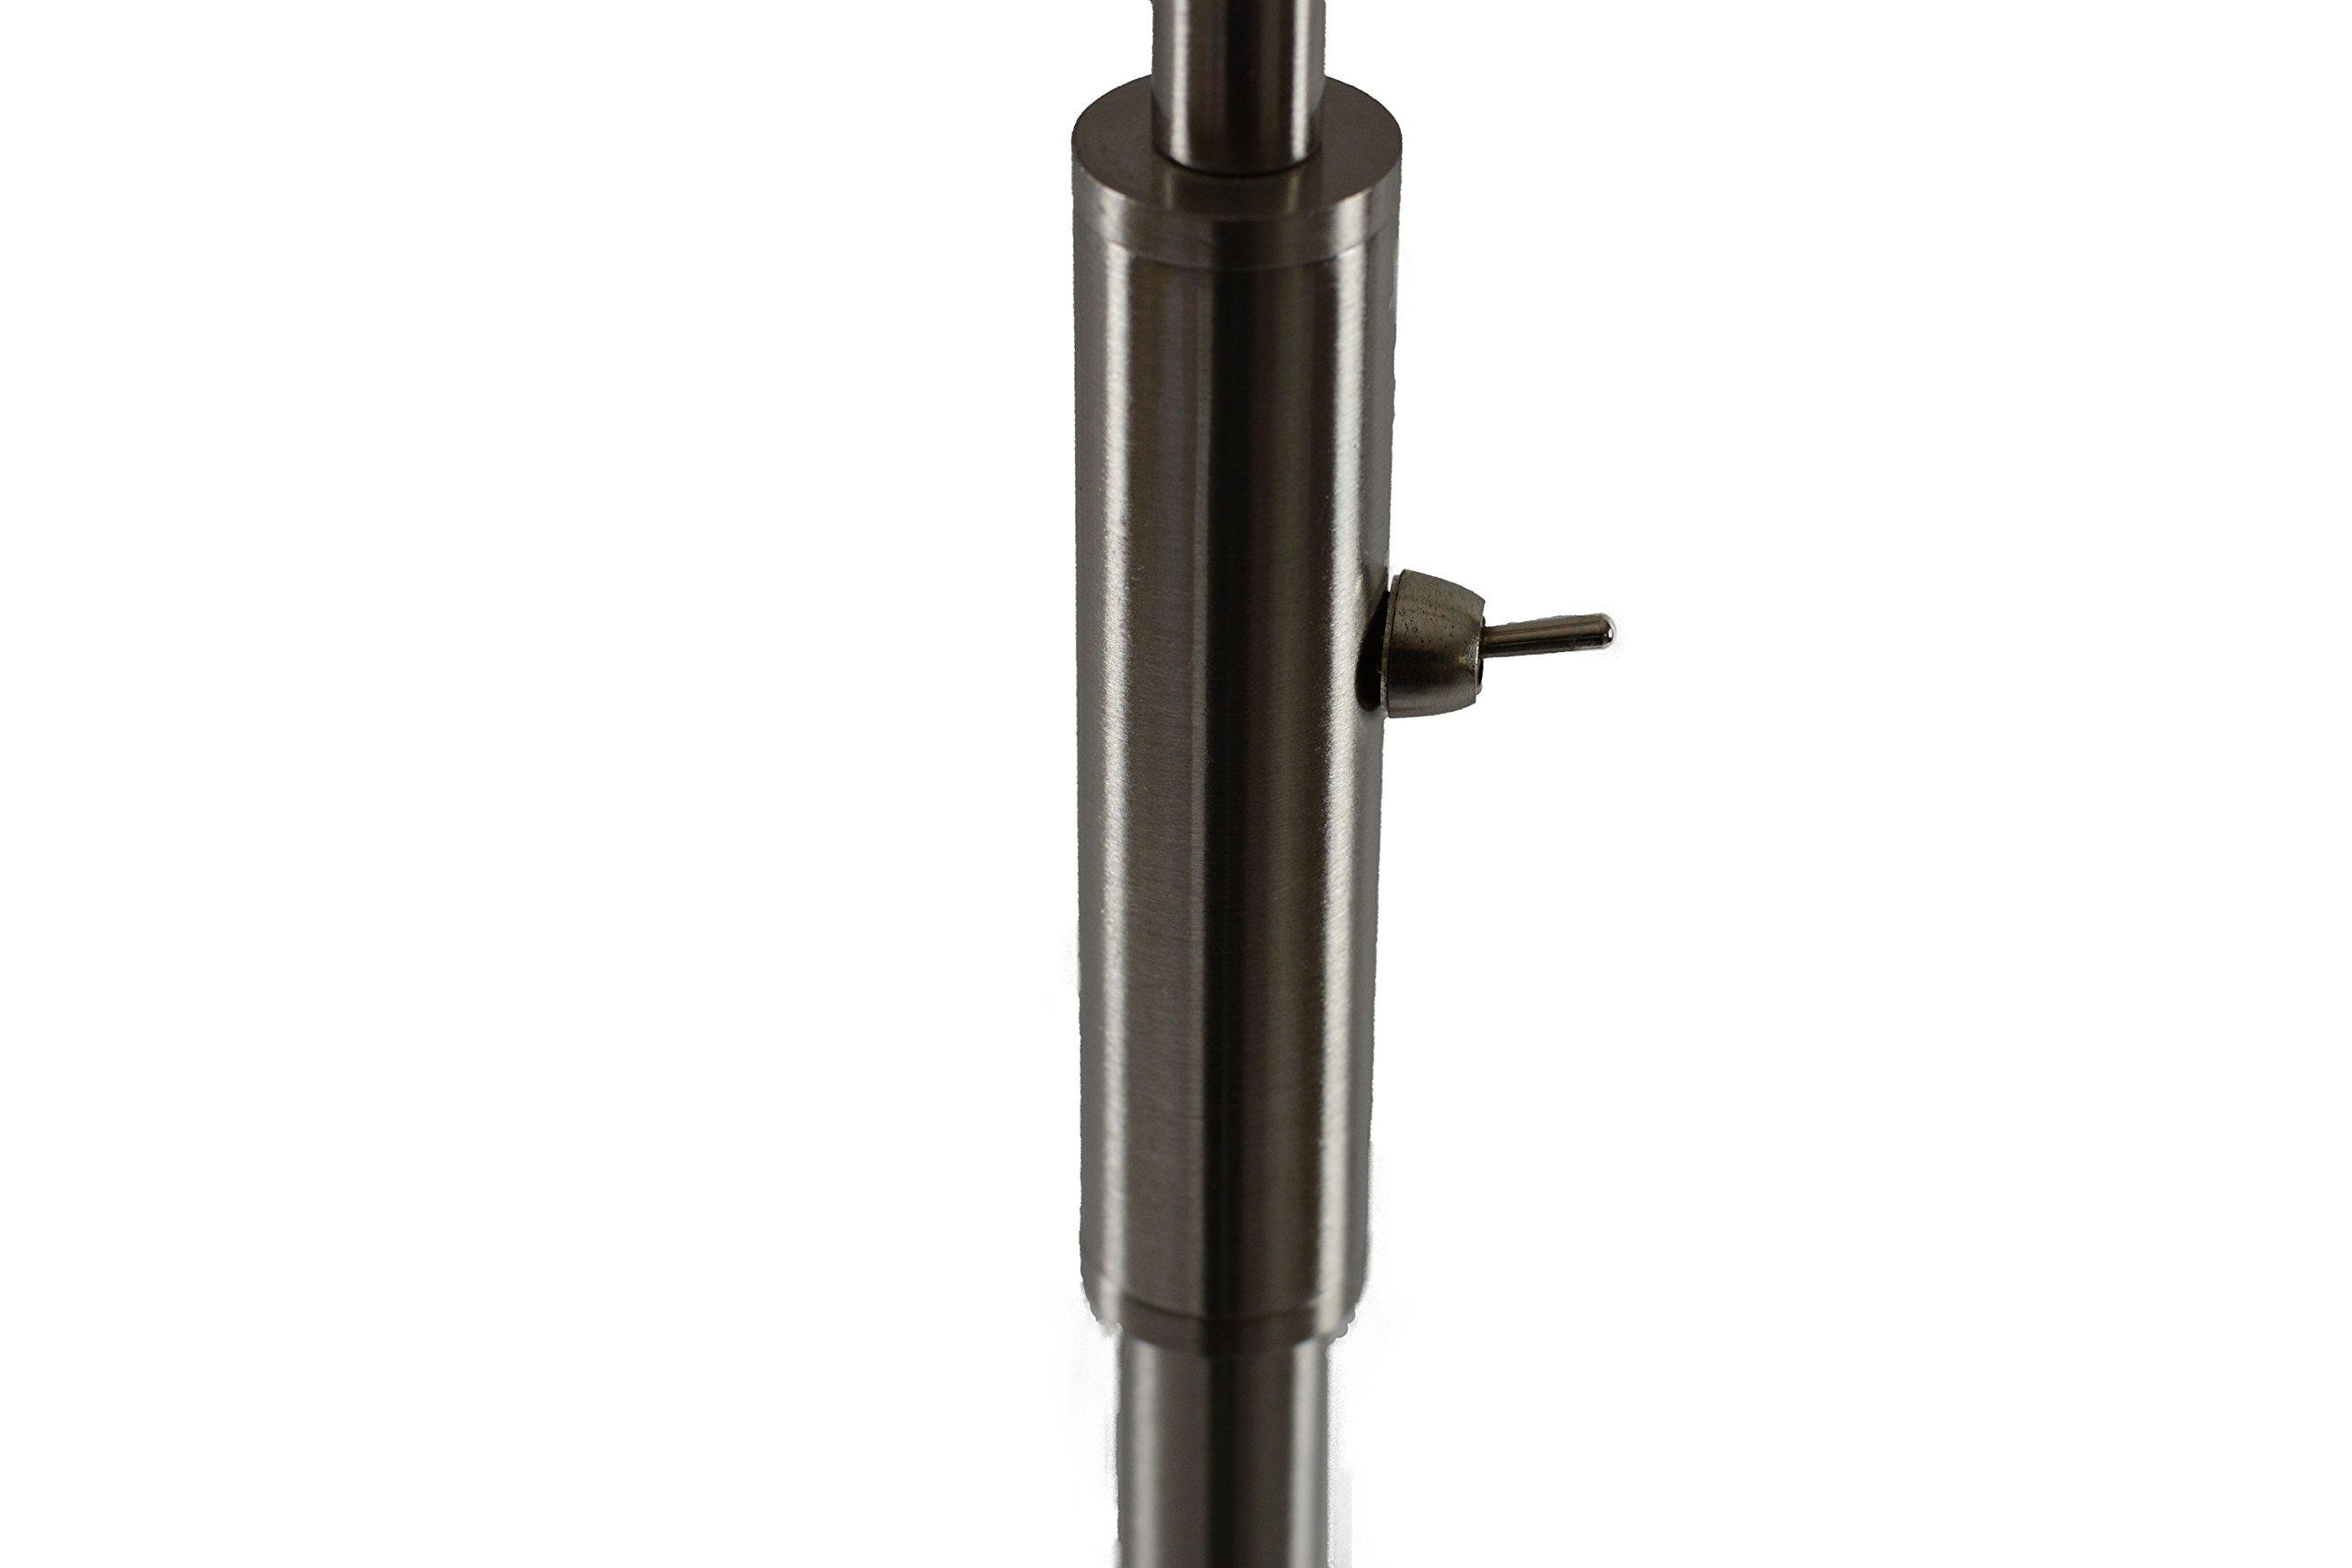 Daylight24 402071 15 Focus Adjustable Beam Led Floor Lamp